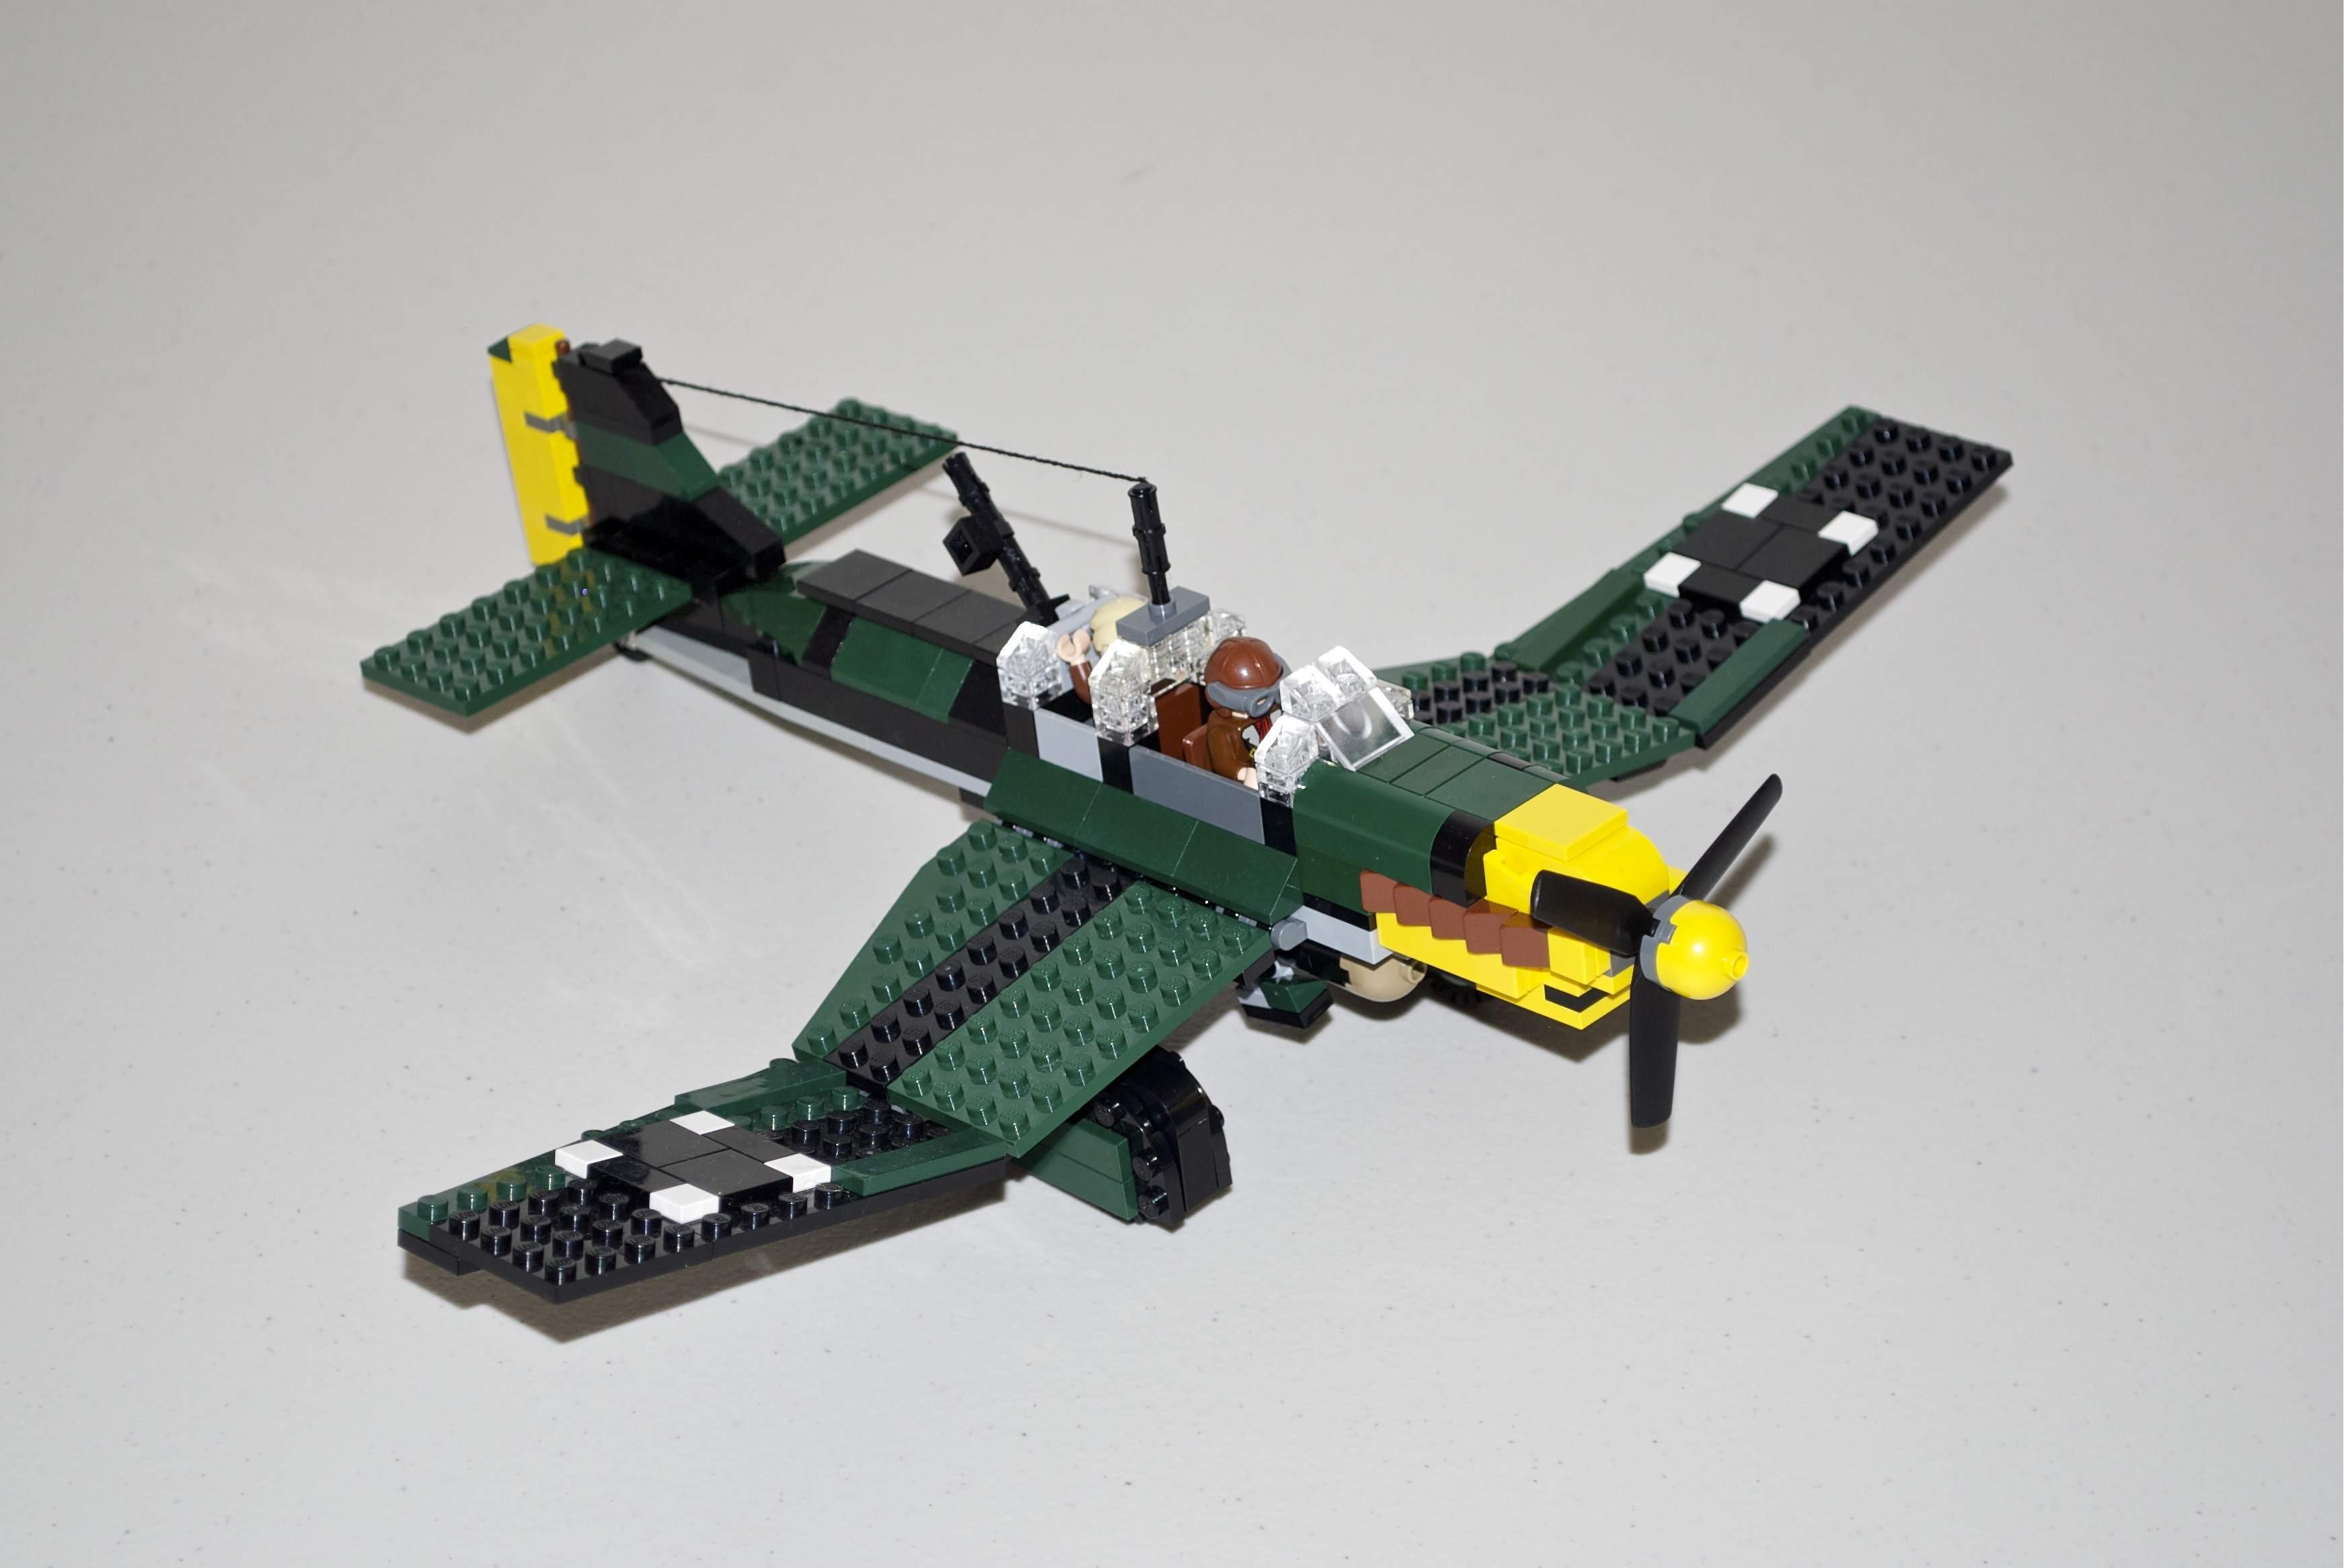 flugzeug lego